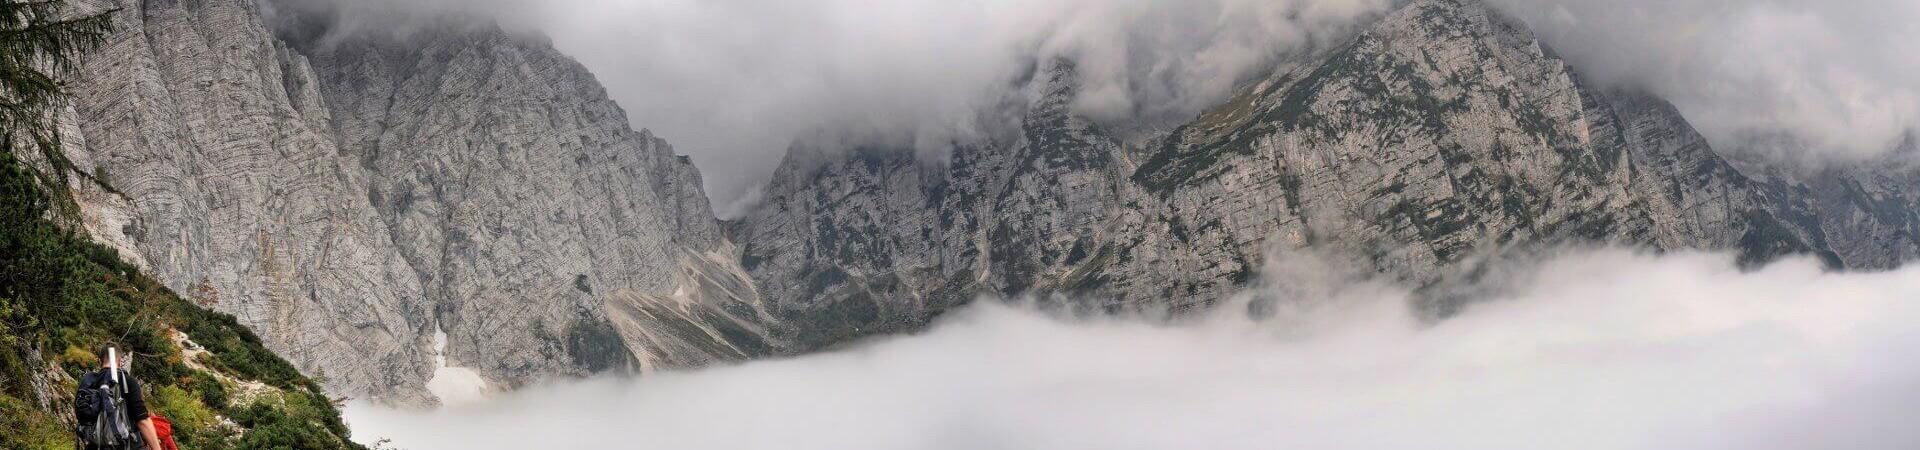 Triglav, jeden ze szczytów Apl Julijskich w Słowenii